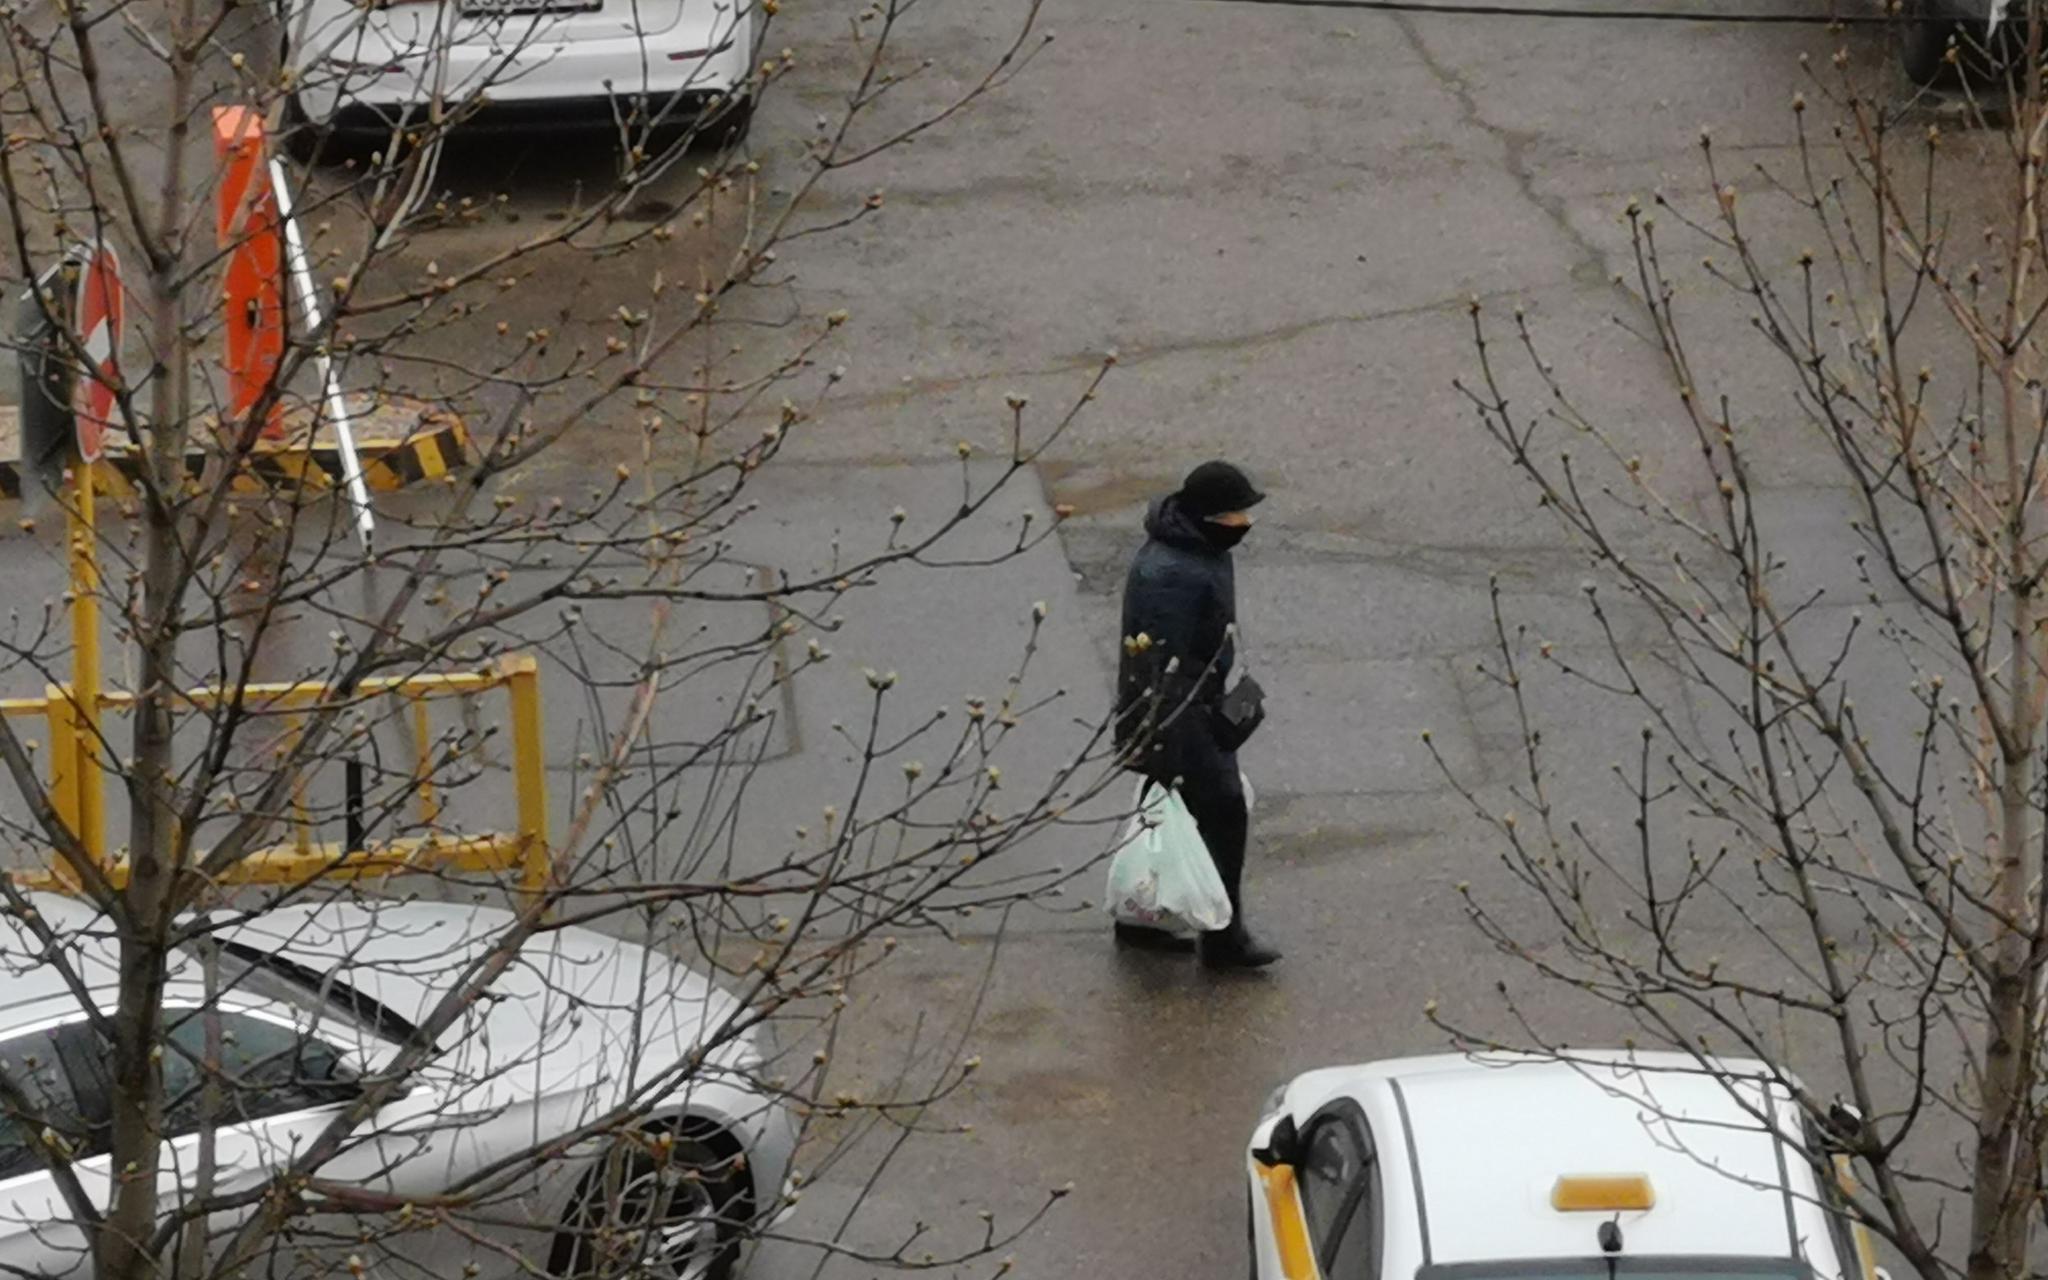 4月13日,俄罗斯莫斯科,一位居民从超市购物后回家。受访者供图